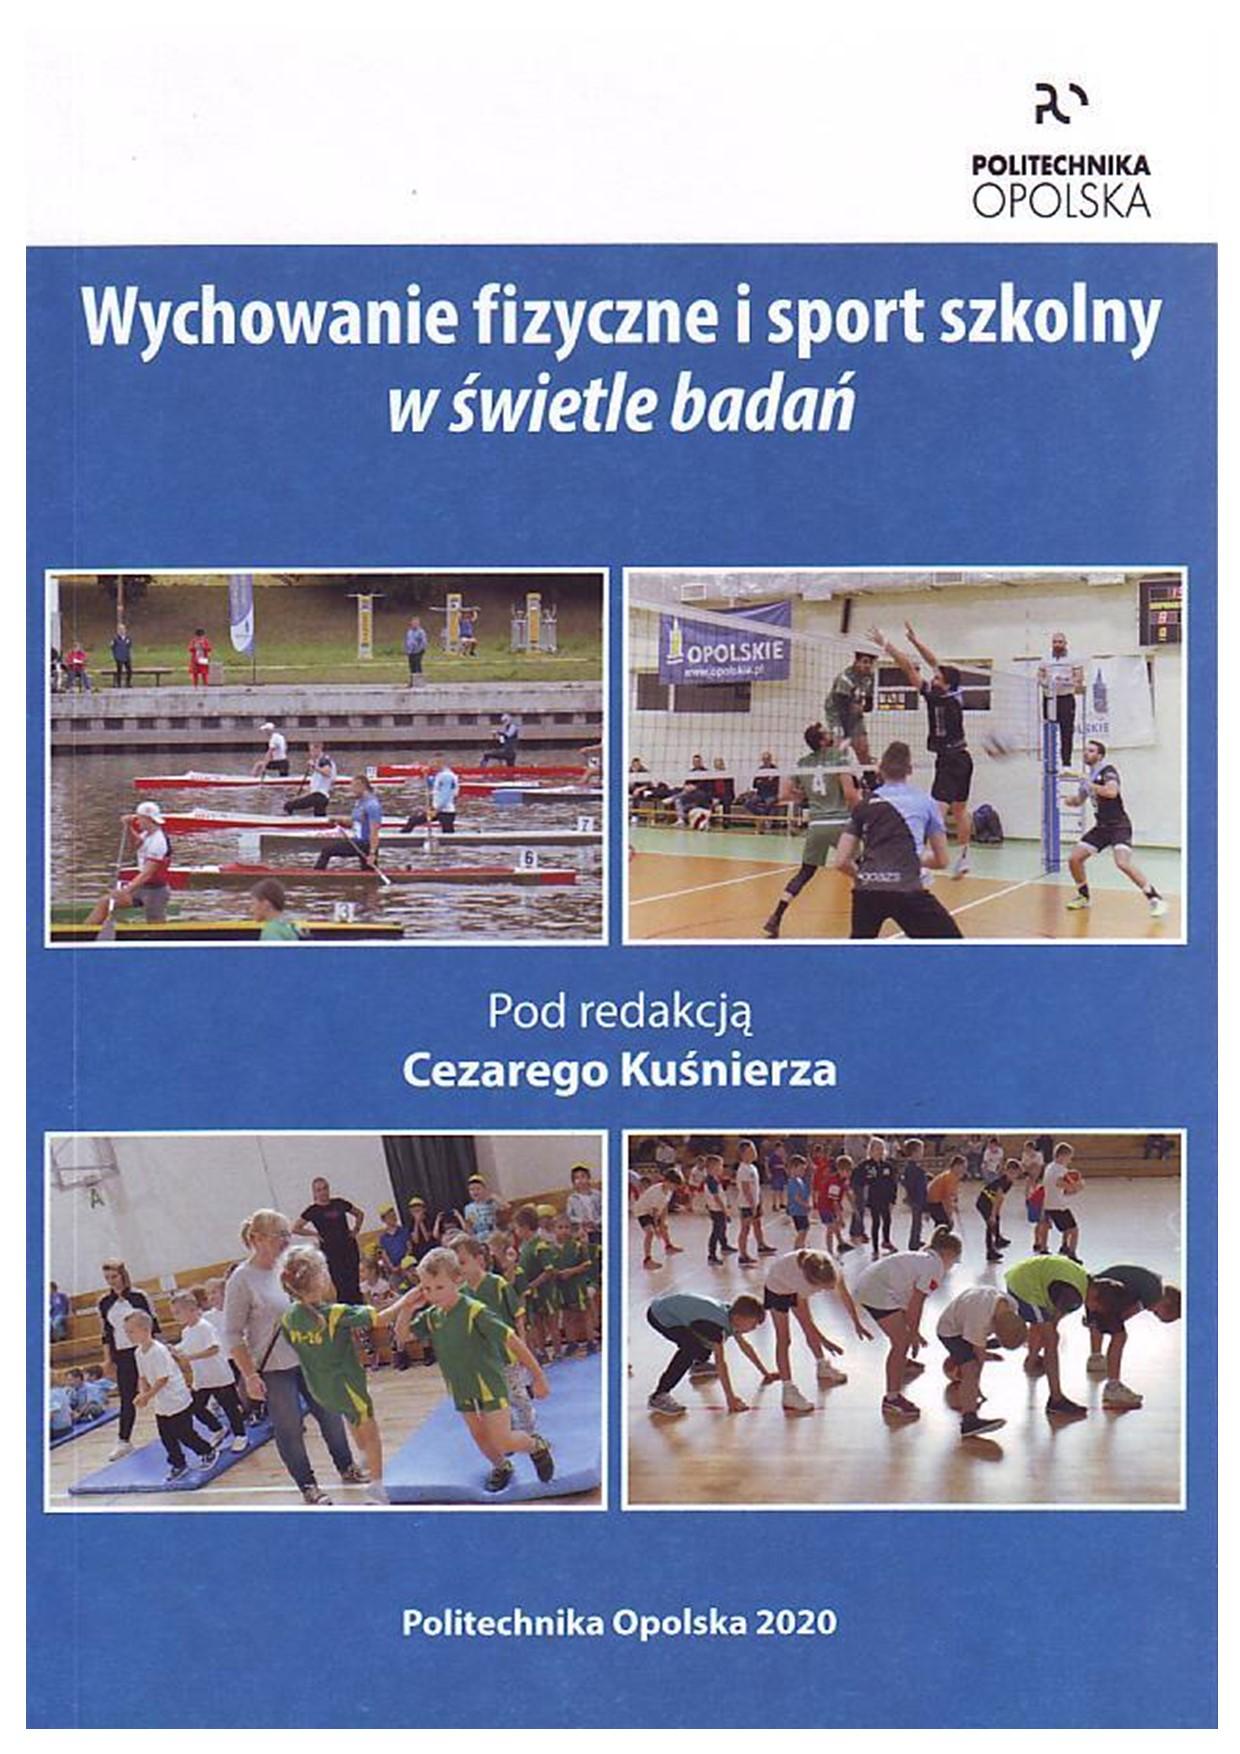 Wychowanie fizyczne i sport szkolny w świetle badań